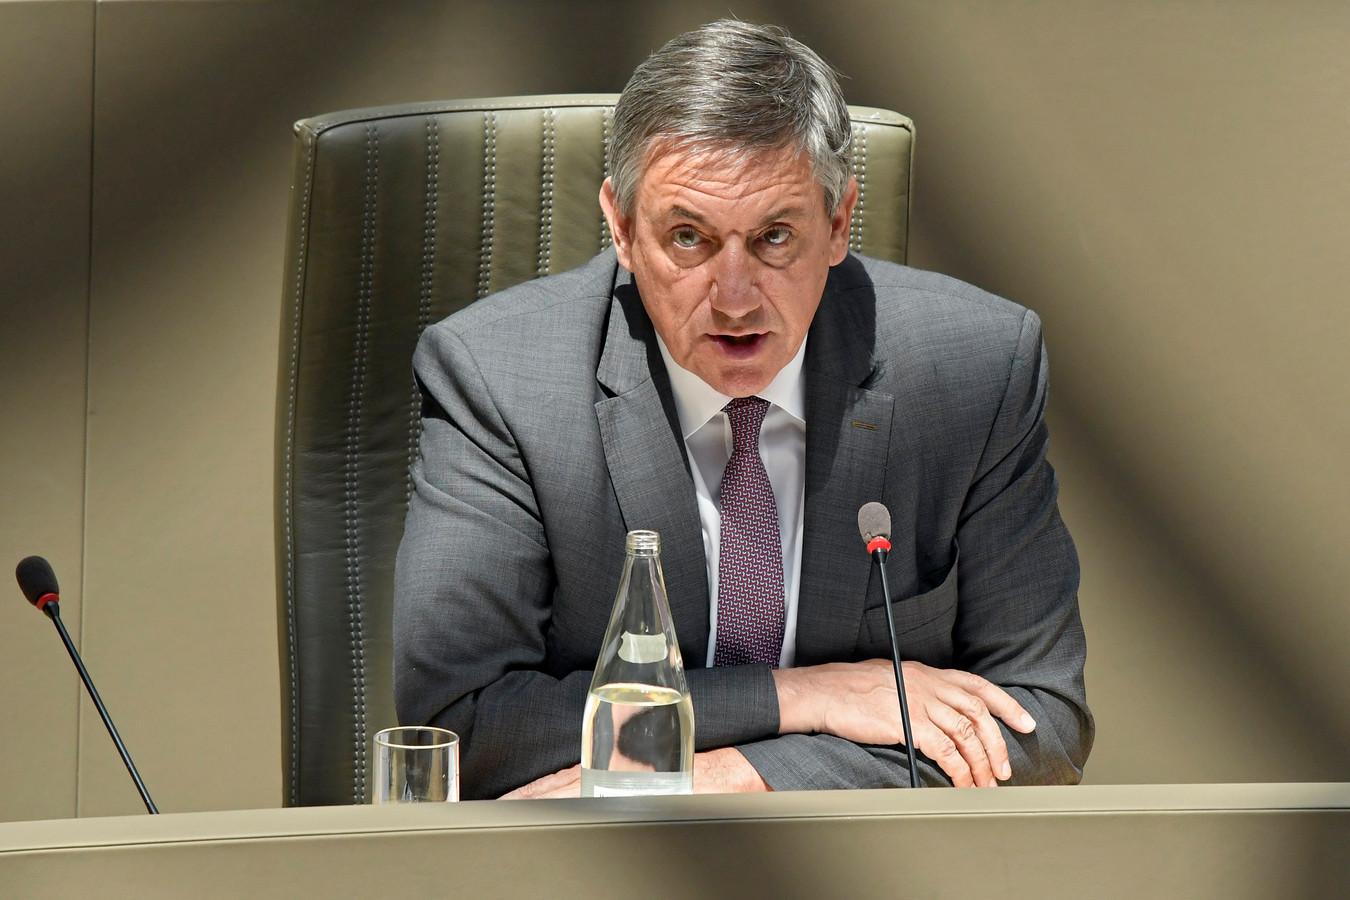 Jan Jambon Ministre-Président du Gouvernement flamand photographié le 16 juin 2021 à Bruxelles, Belgique.